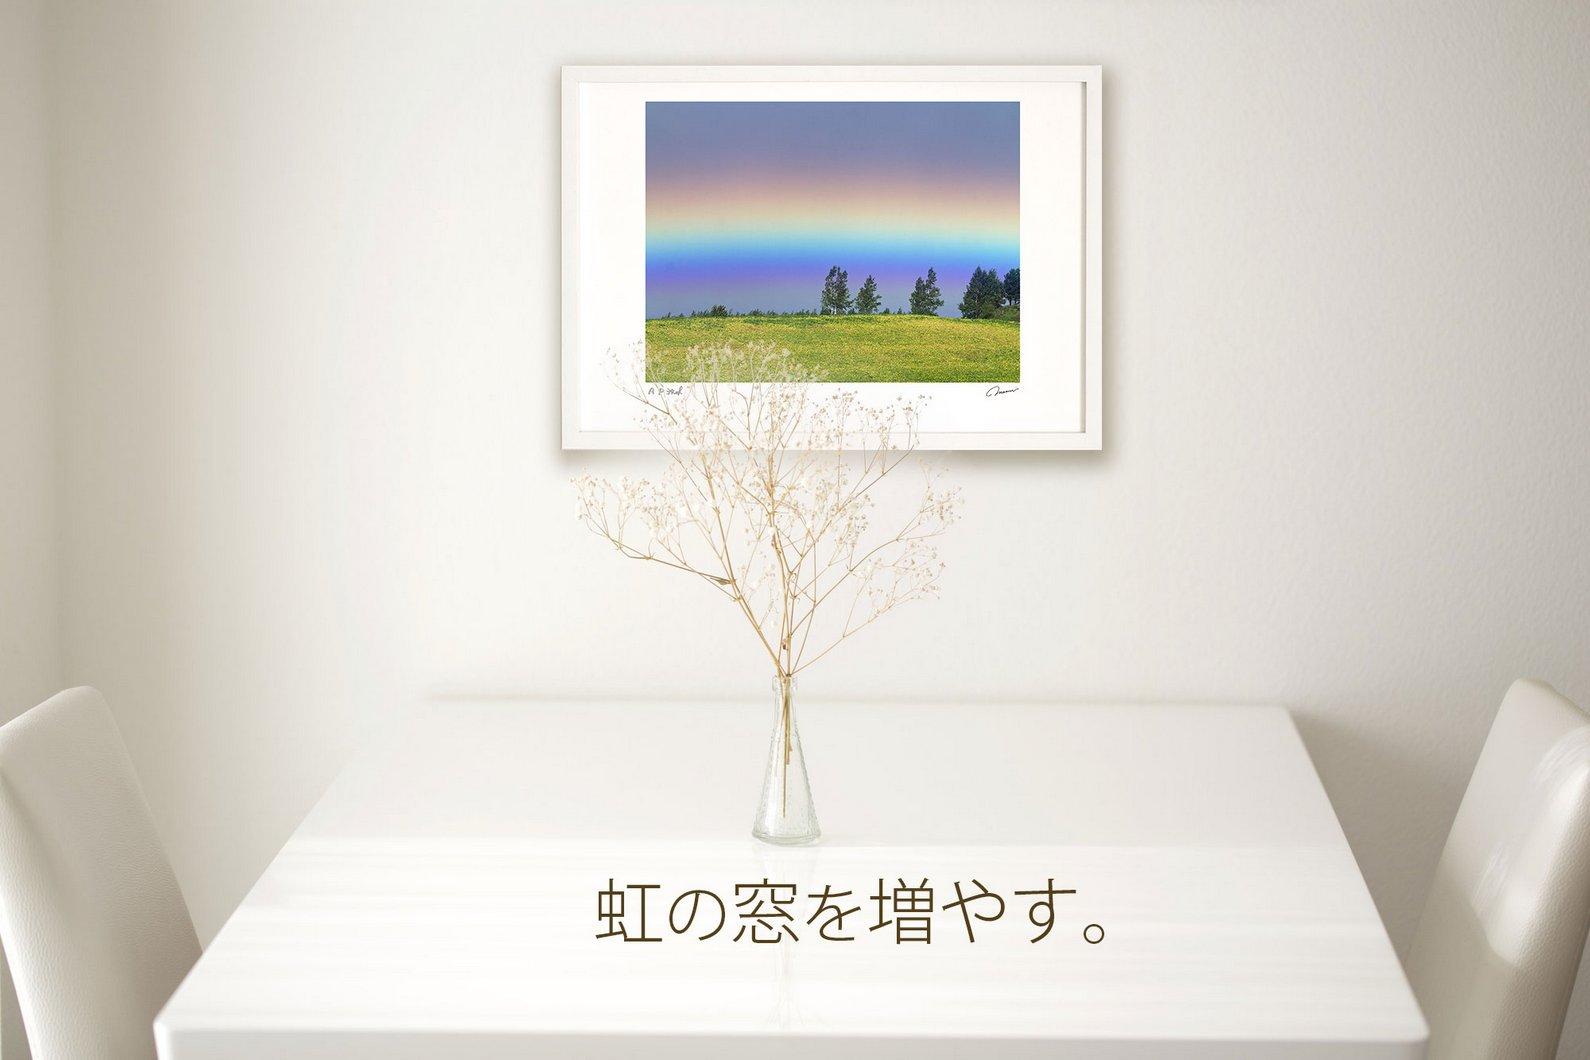 《アートフォト》カラマツ林と桜/中富良野町〔富良野・高橋真澄〕(レンタル対象)